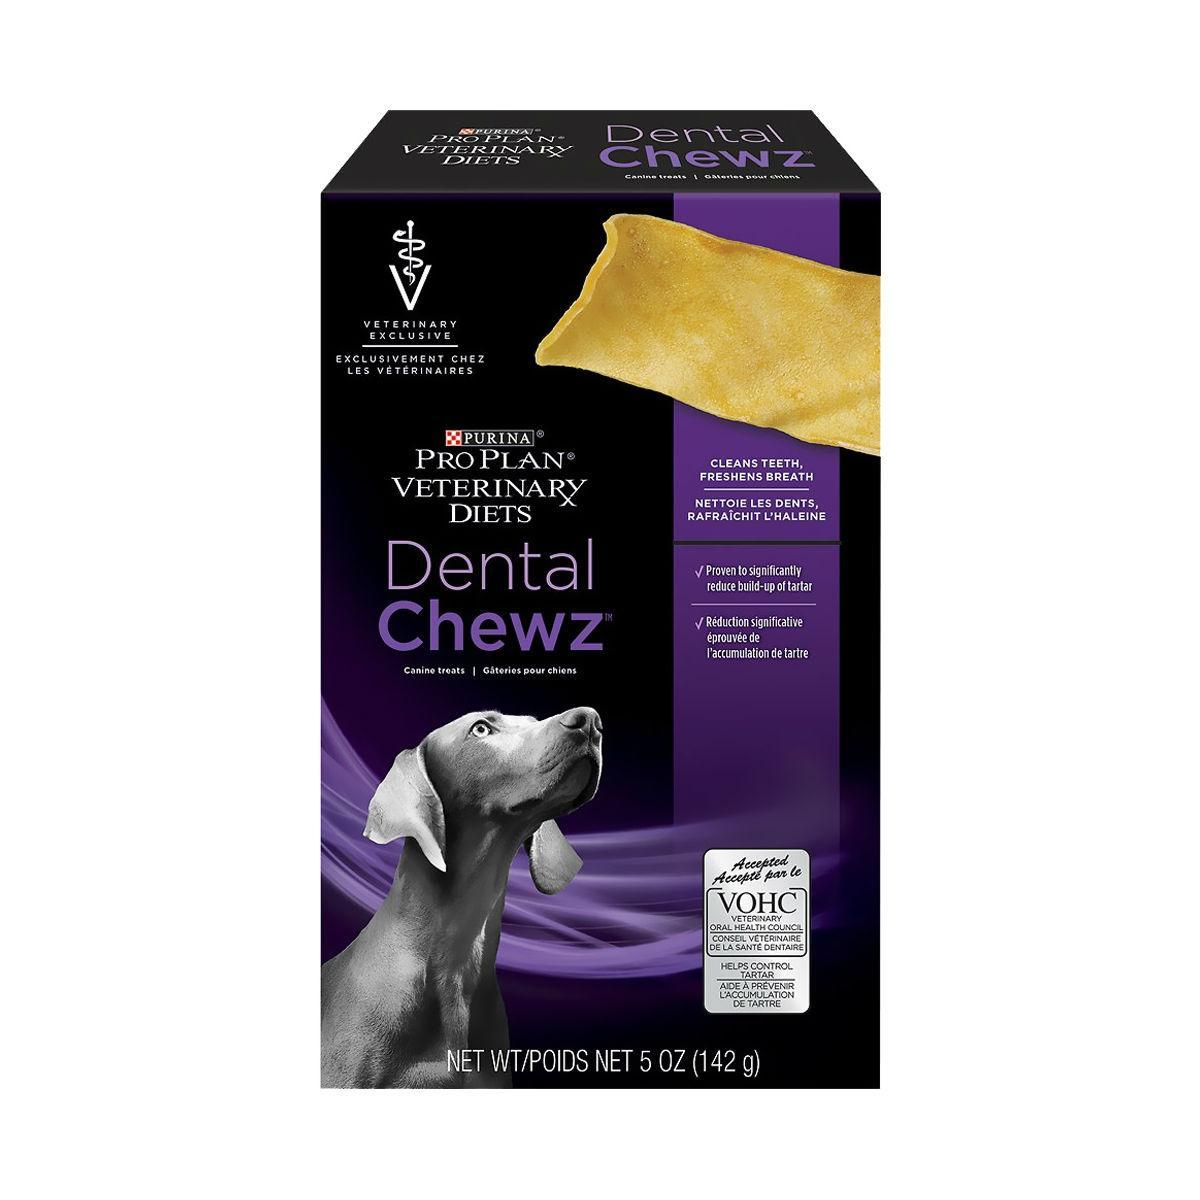 Purina Veterinary Diets Dental Chewz Dog Treats